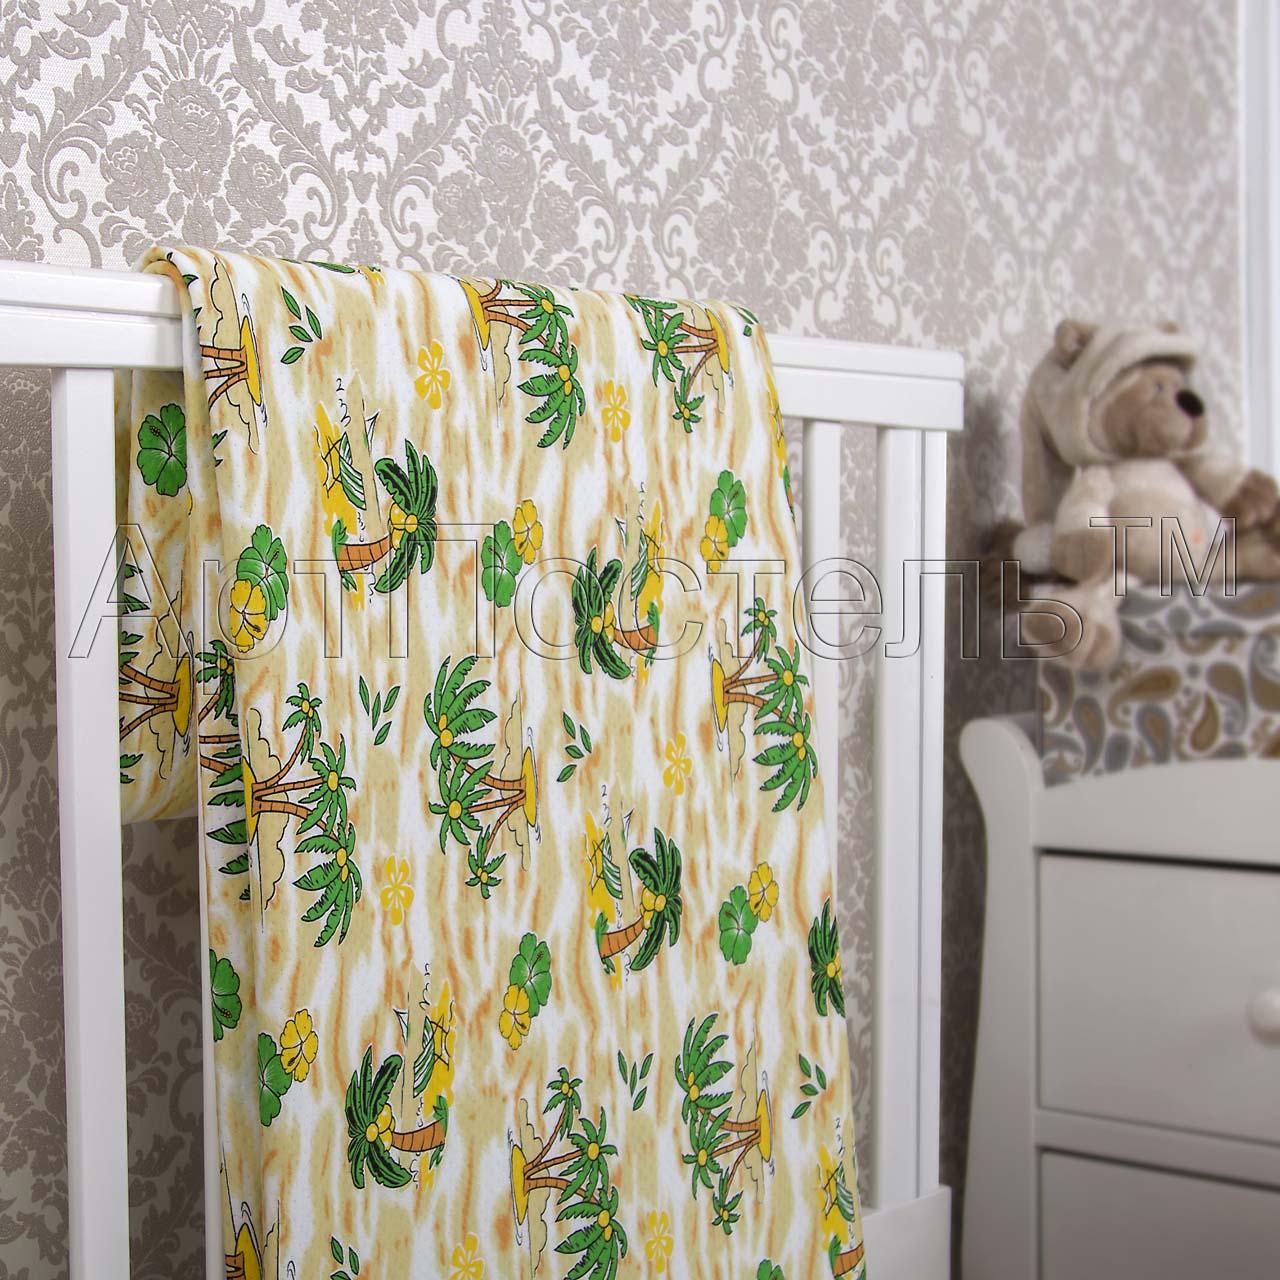 Покрывало  Солнечный остров  р. 140х200 - Текстиль для дома артикул: 33971